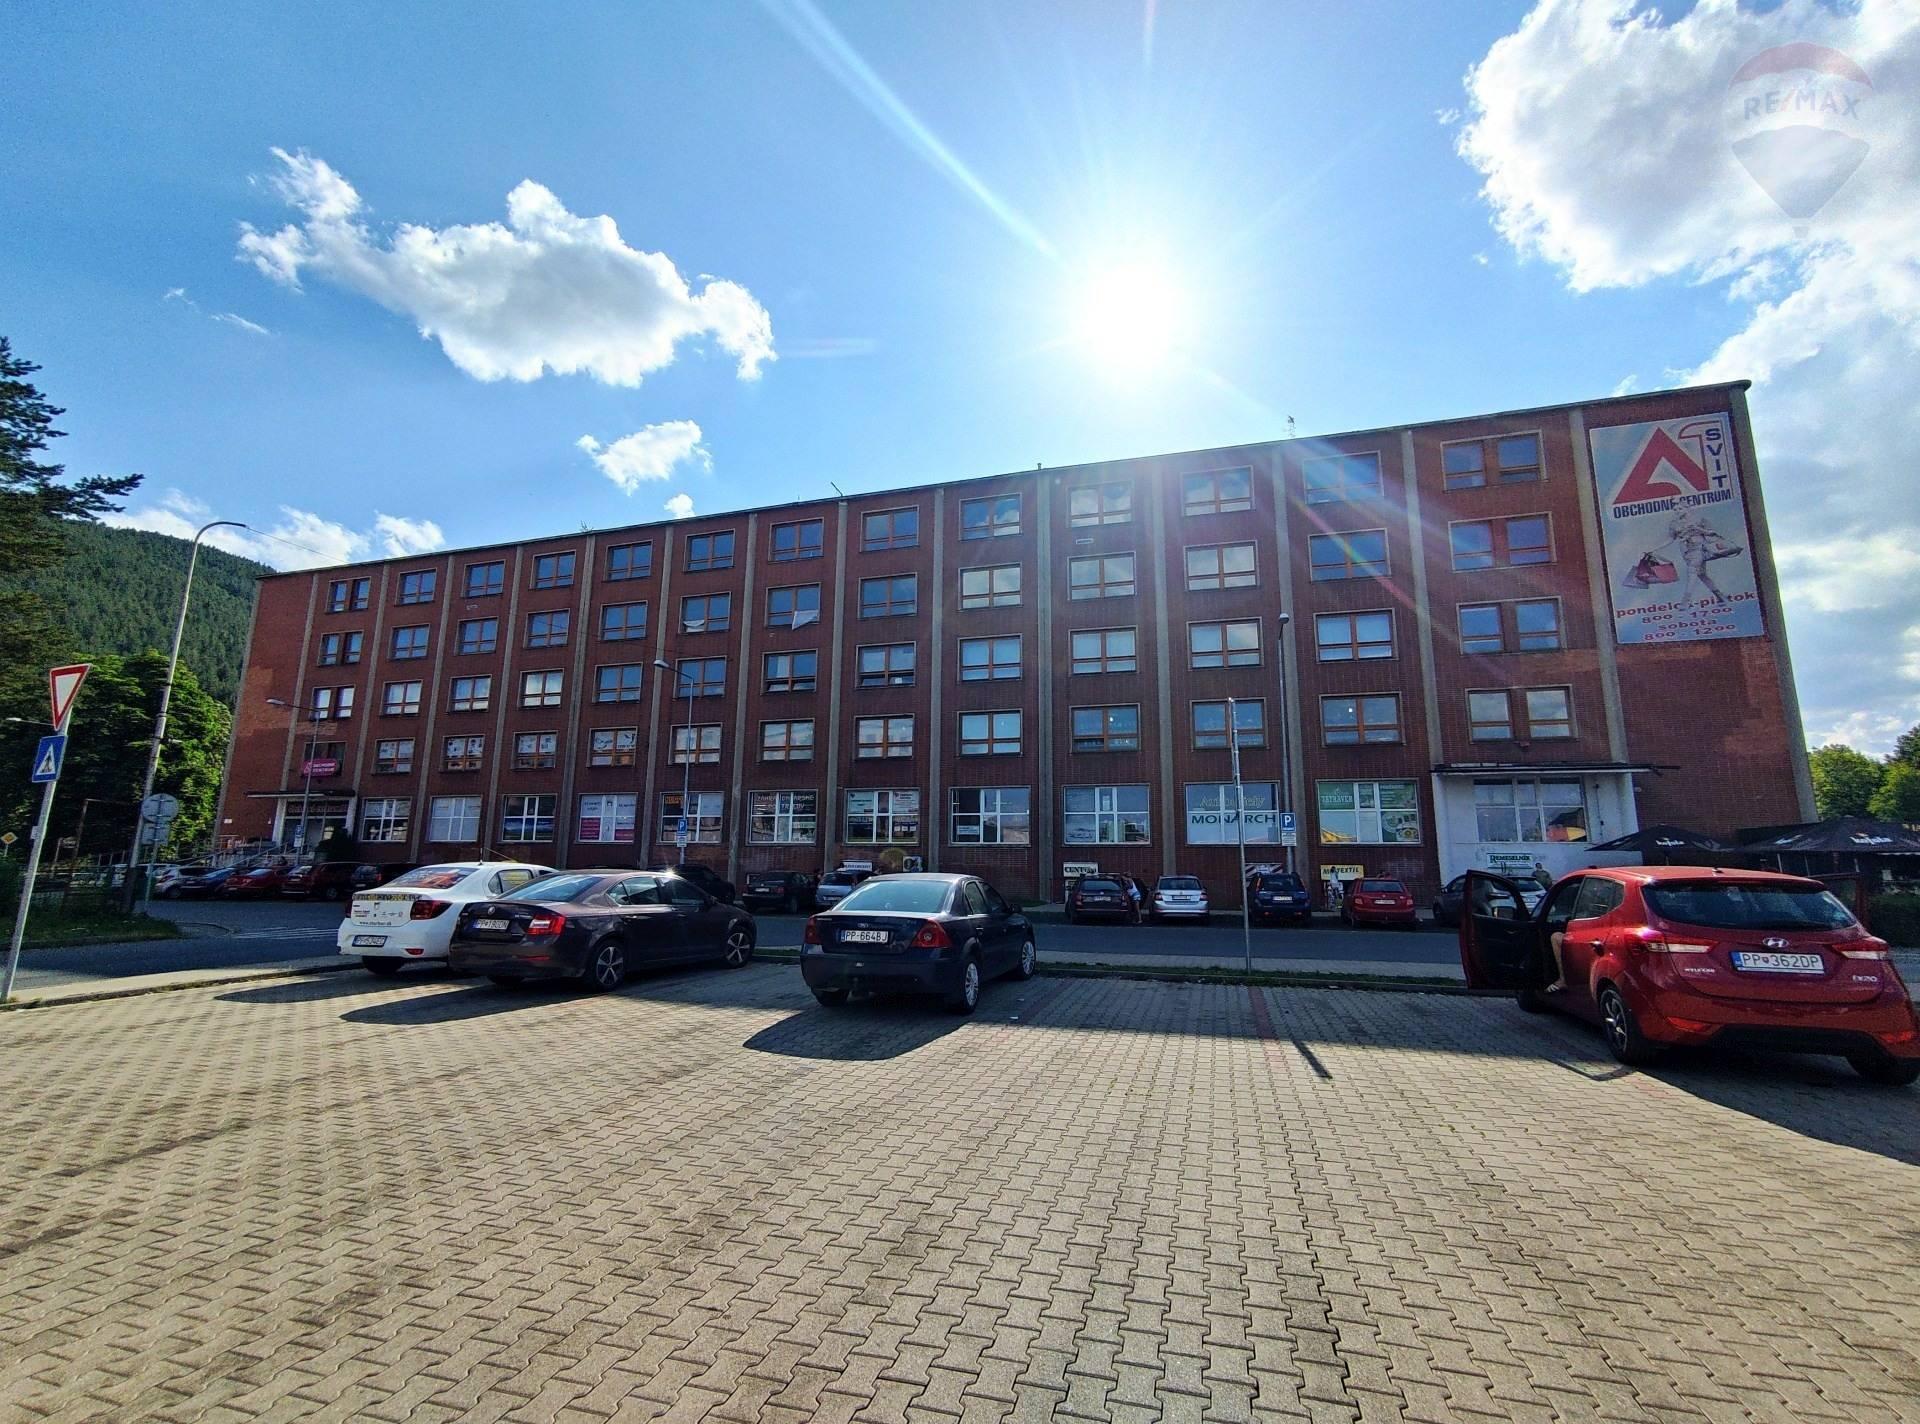 Na predaj 6 podlažná polyfunkčná budova,Svit,okr.Poprad s možnosťou vybudovania 112 bytov